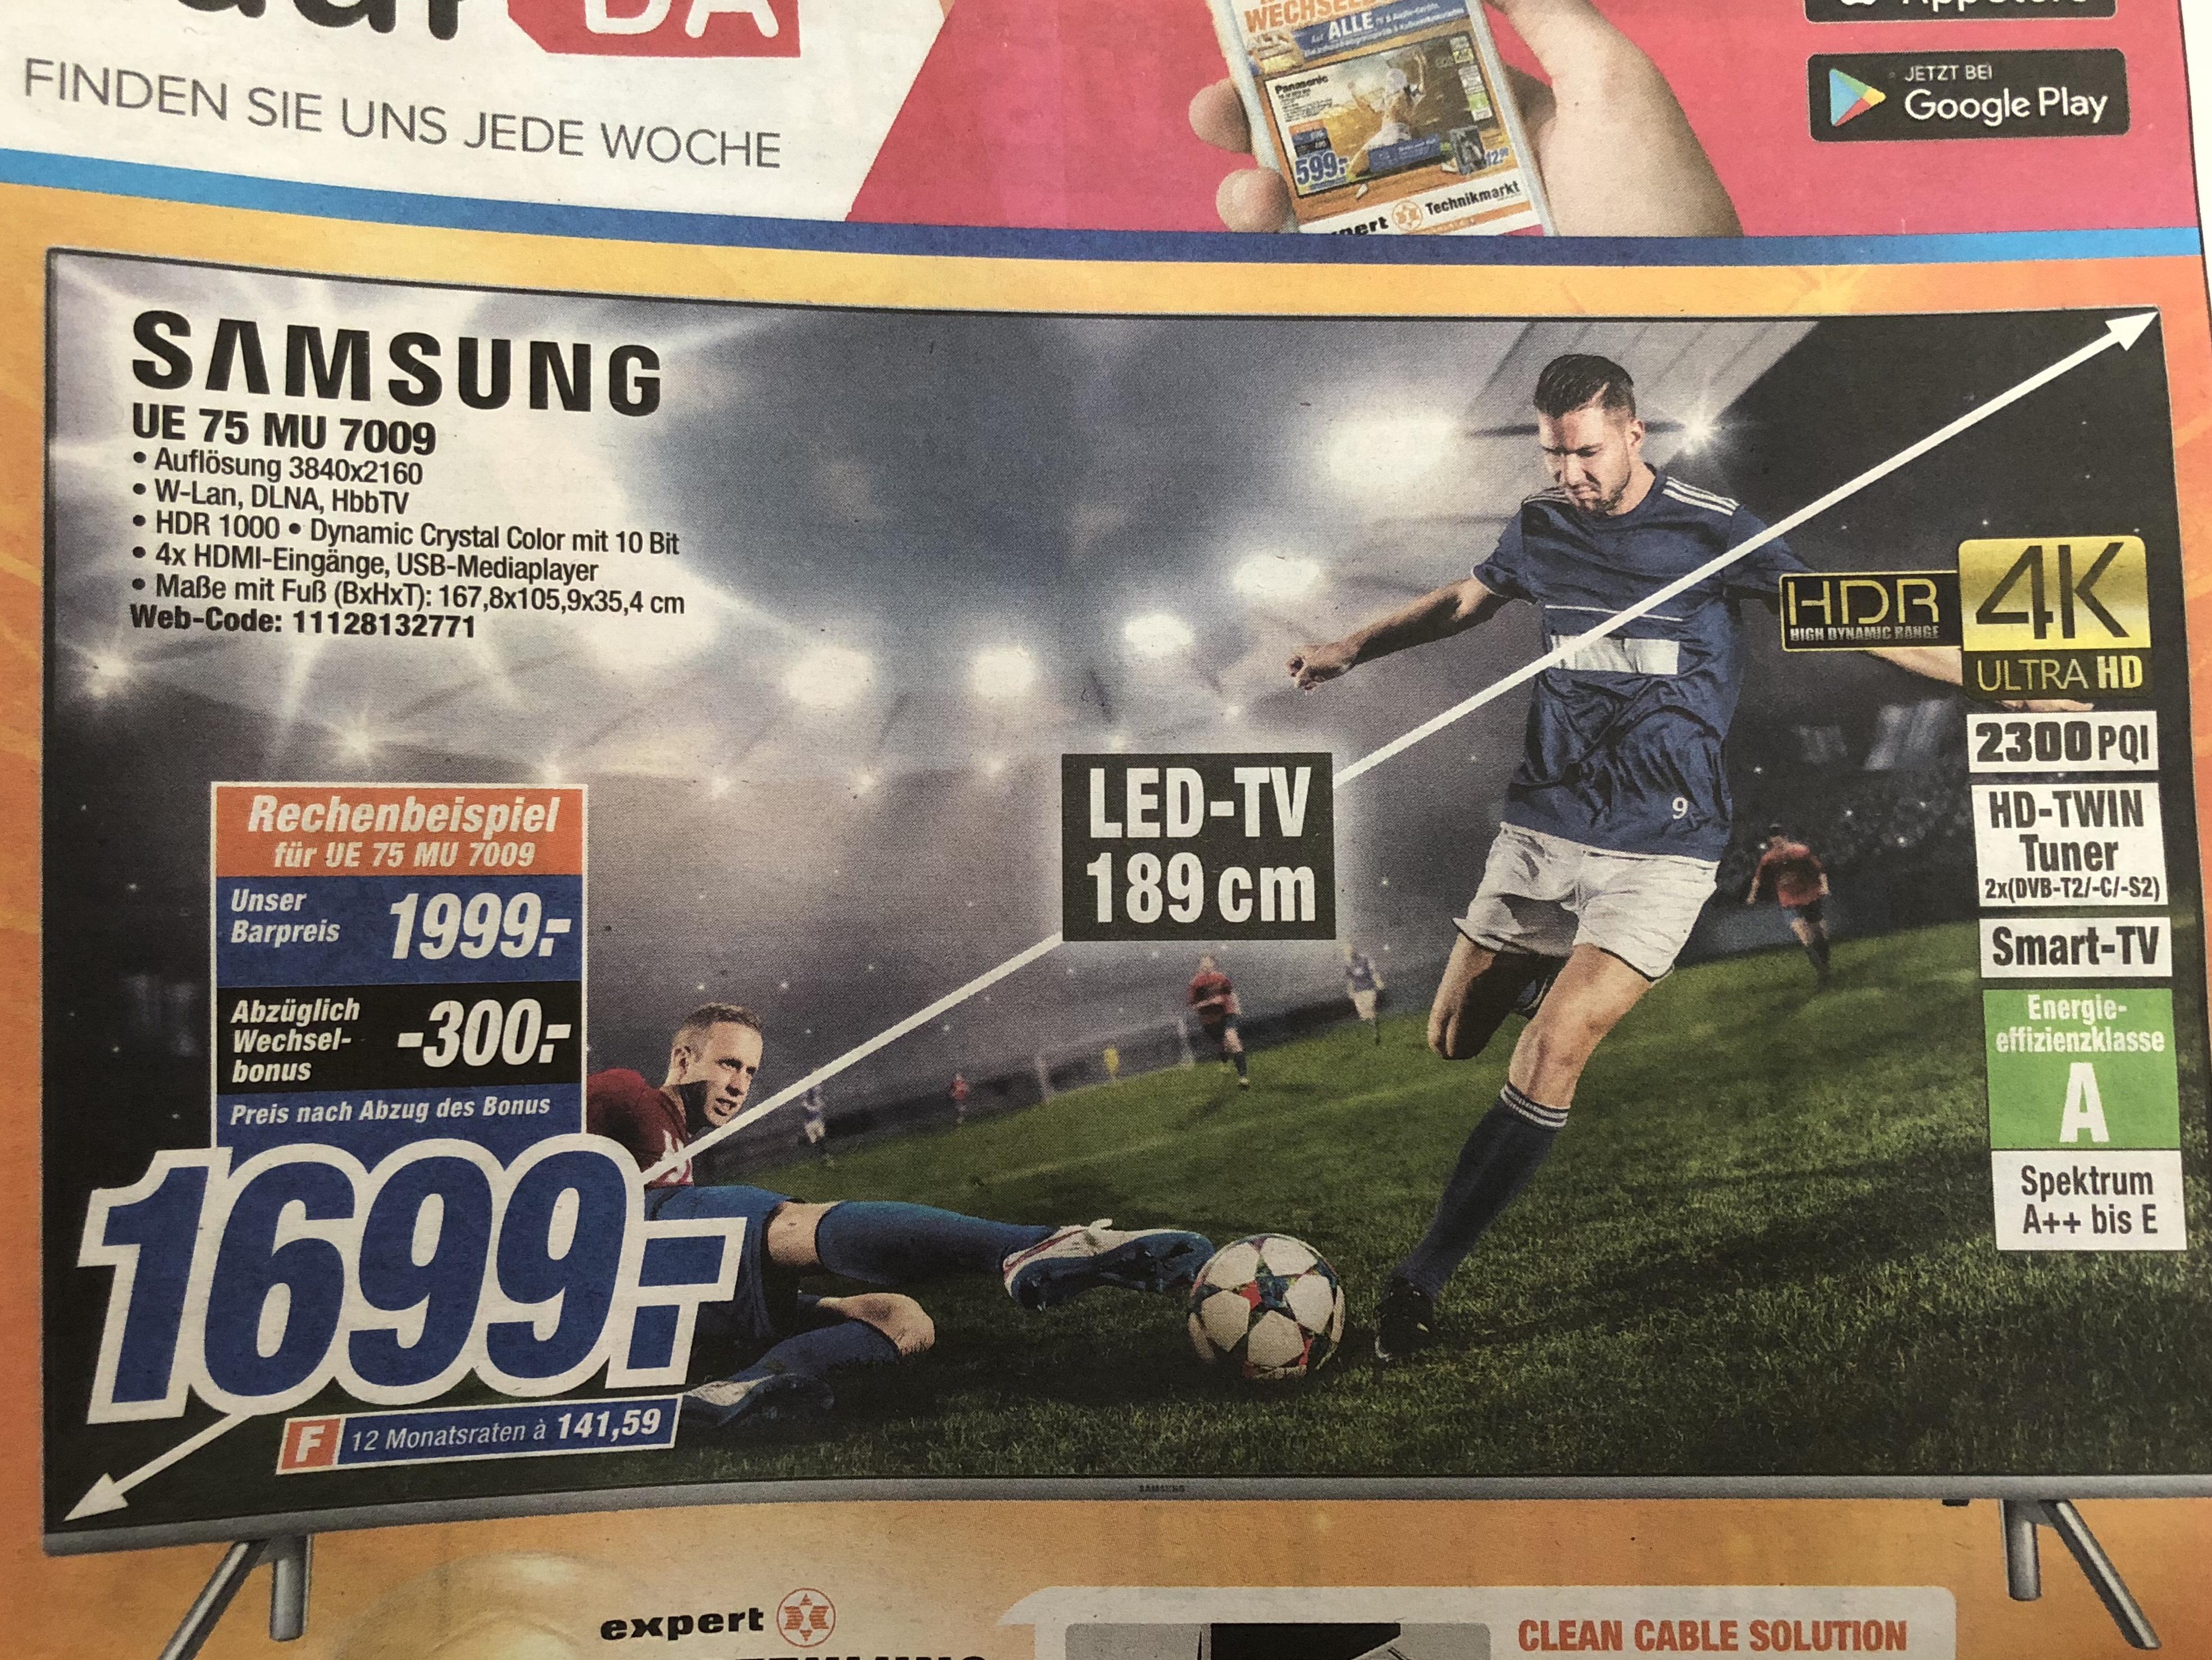 Samsung UE 75 MU7009 mit - 8 % und - 15 % beim Sony KD-49 XF 8096 zu 749 EUR (siehe Dealbeschreibung) durch bis zu 1.000 EUR Wechselbonus auf TV & Audio, bis 300 EUR bei Elektrogroßgeräten & bis 200 EUR bei Kaffeeautomaten